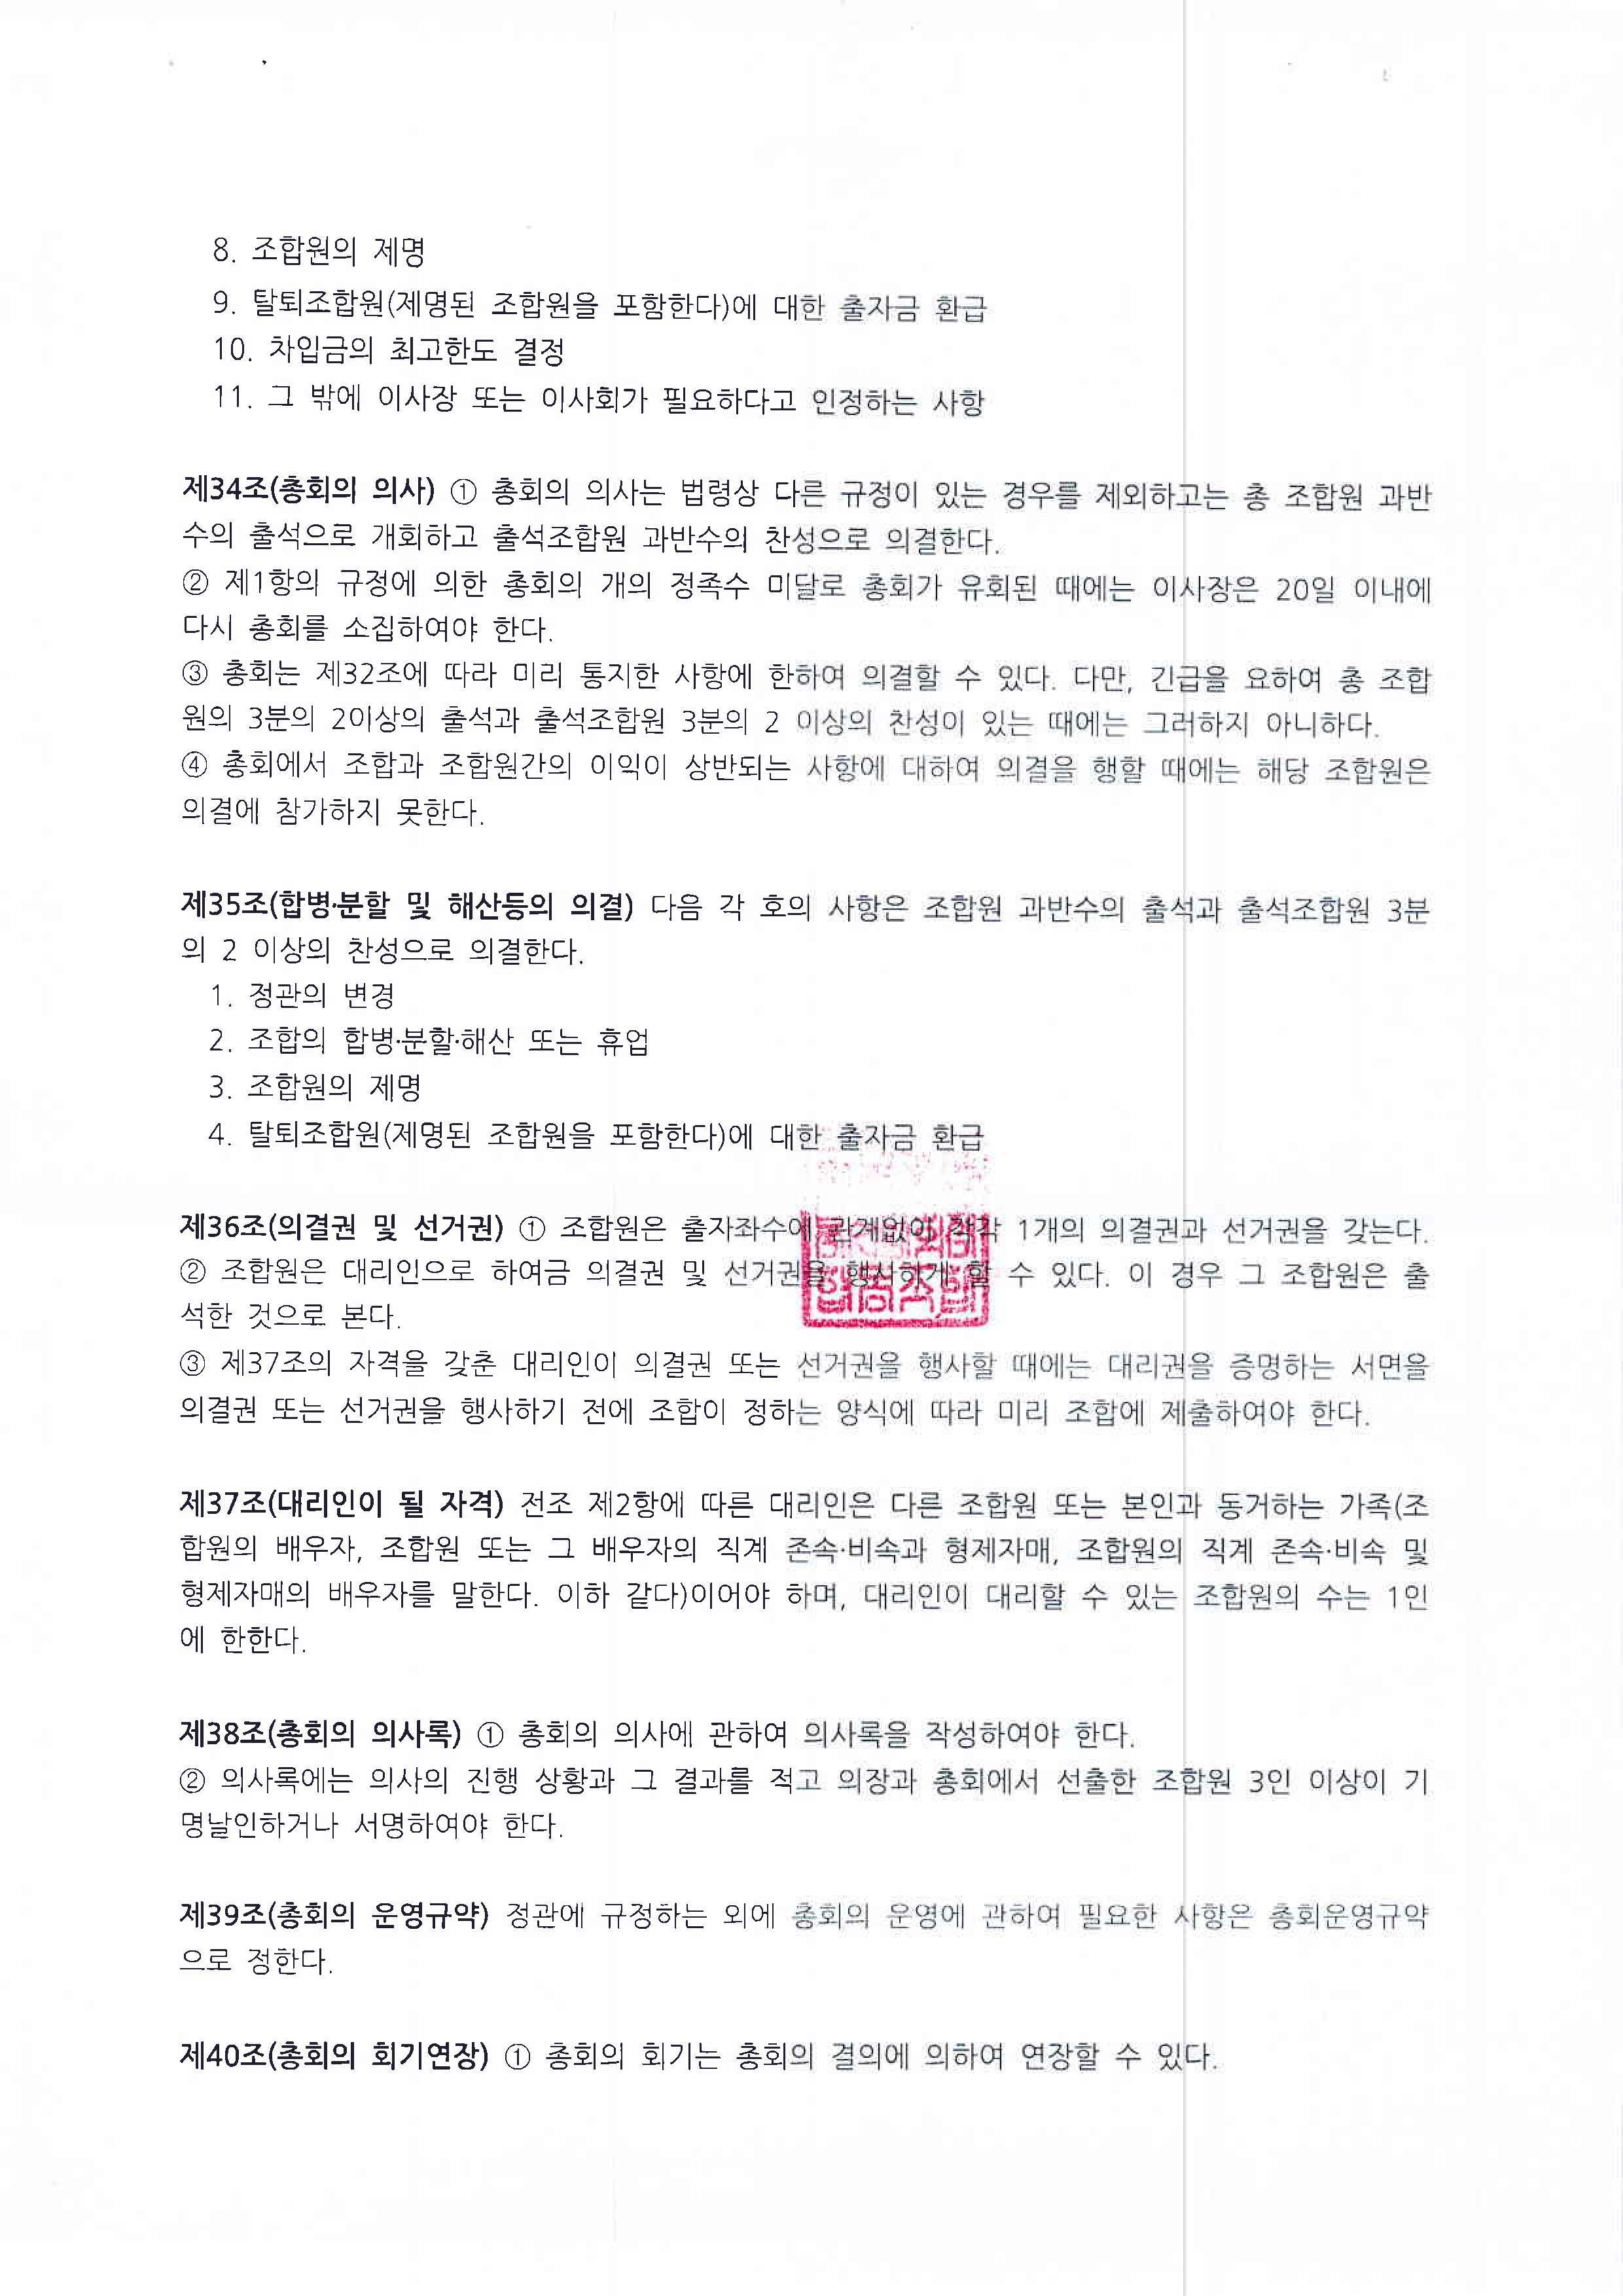 정관(20차 총회 개정안 반영)-원본대조필_페이지_09.jpg